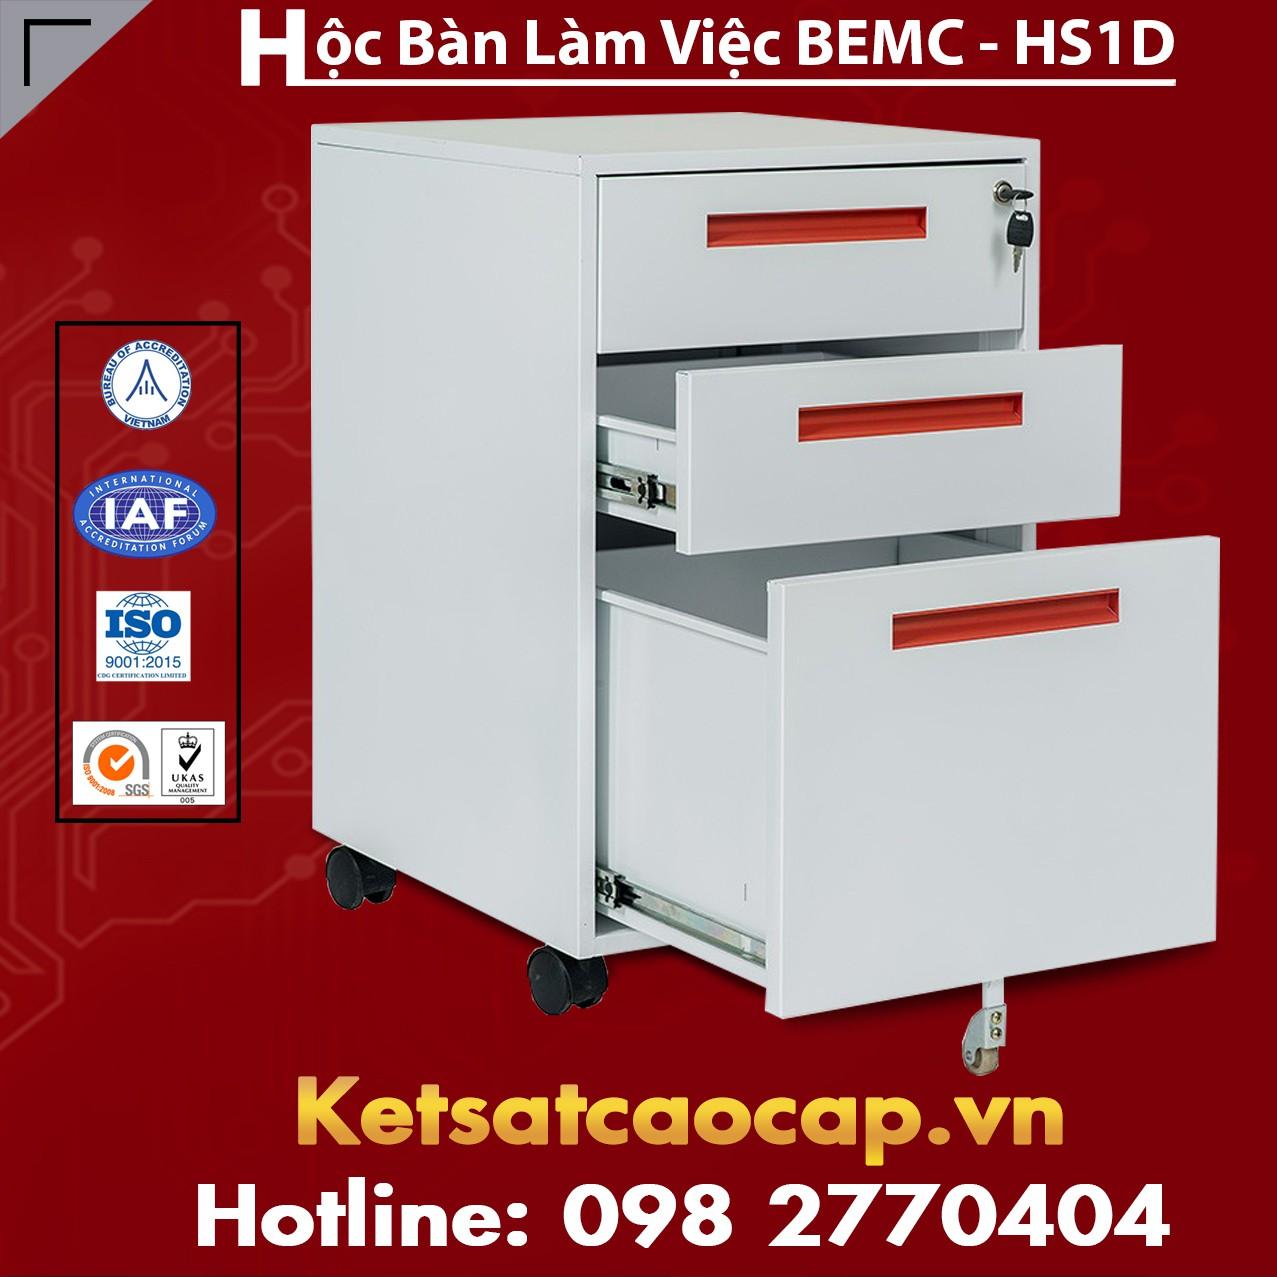 Hộc Bàn Làm Việc BEMC - HS1D